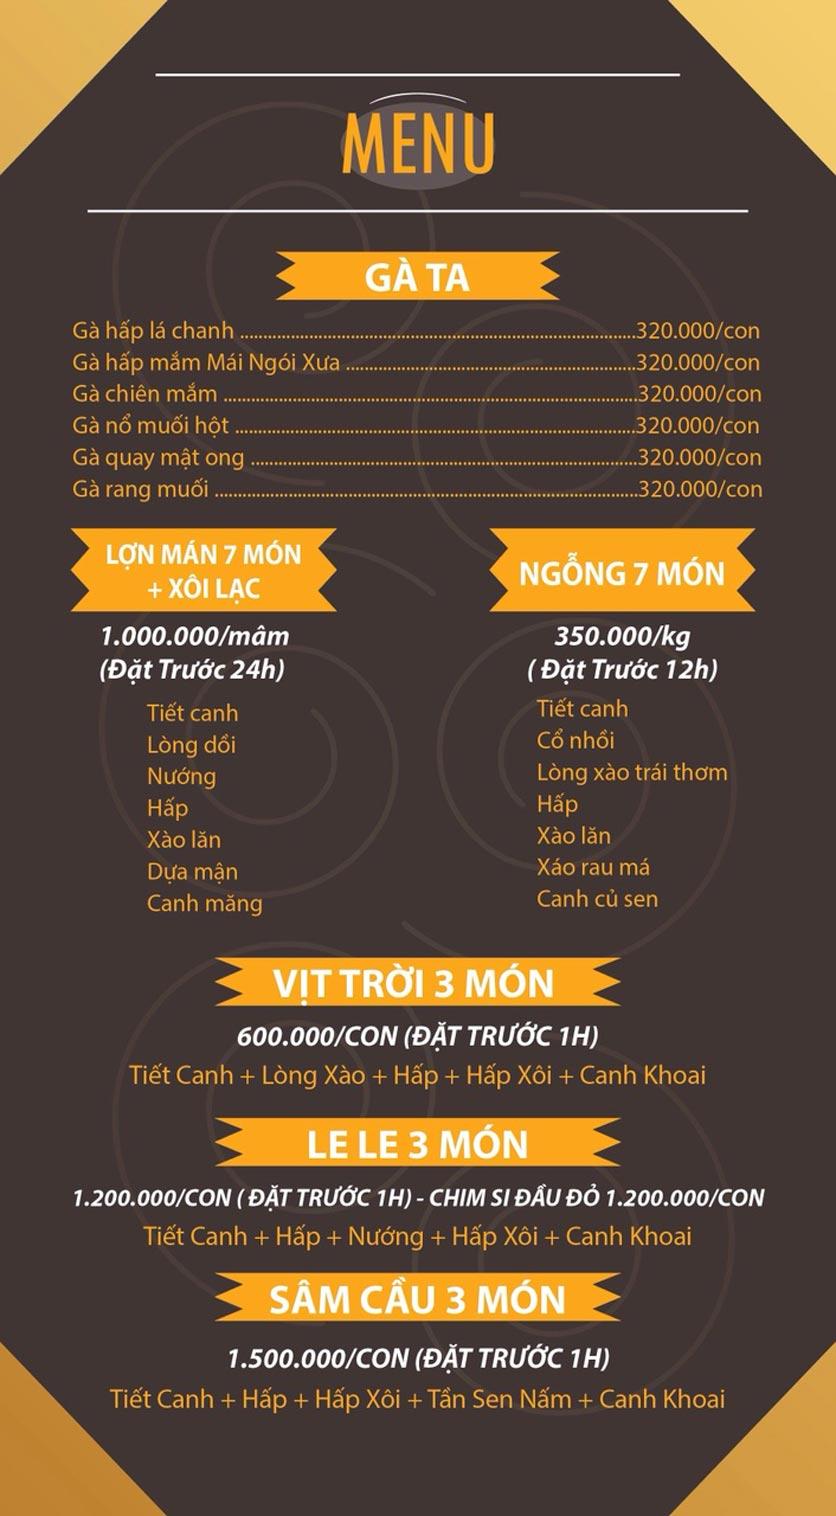 Menu Mái Ngói Xưa – Nguyễn Văn Lộc    2